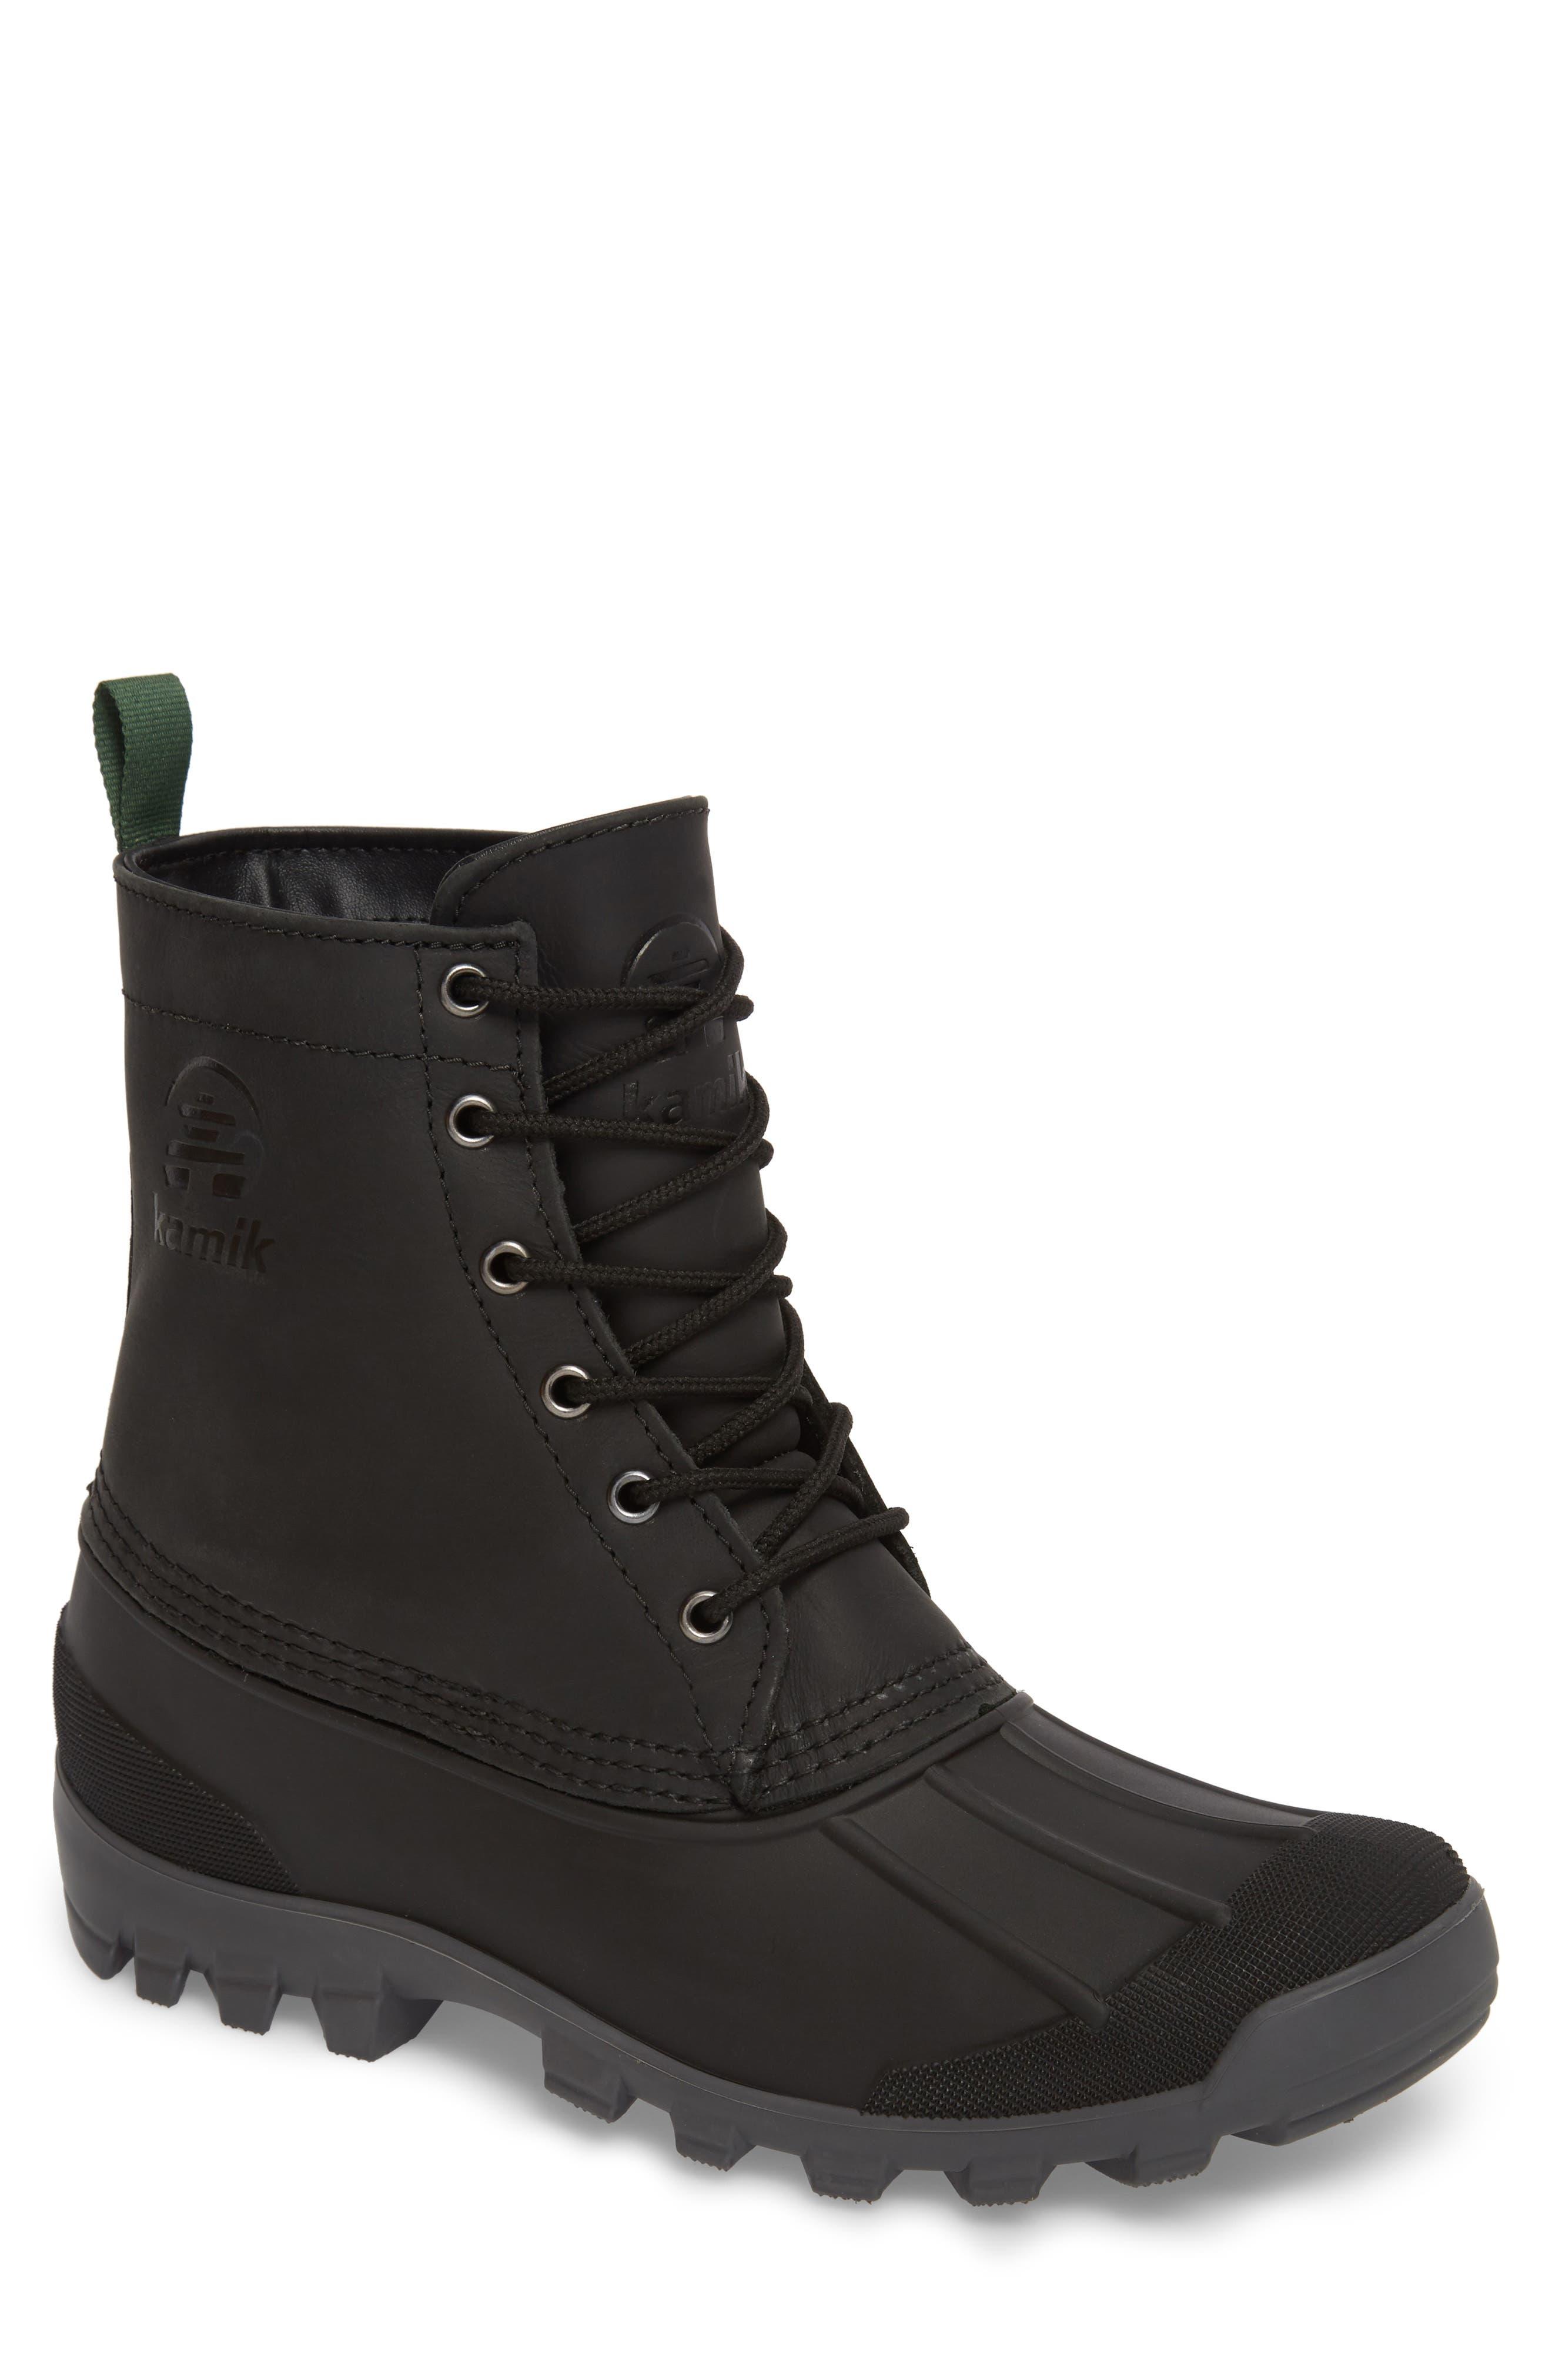 Main Image - Kamik Yukon 6 Waterproof Insulated Three-Season Boot (Men)